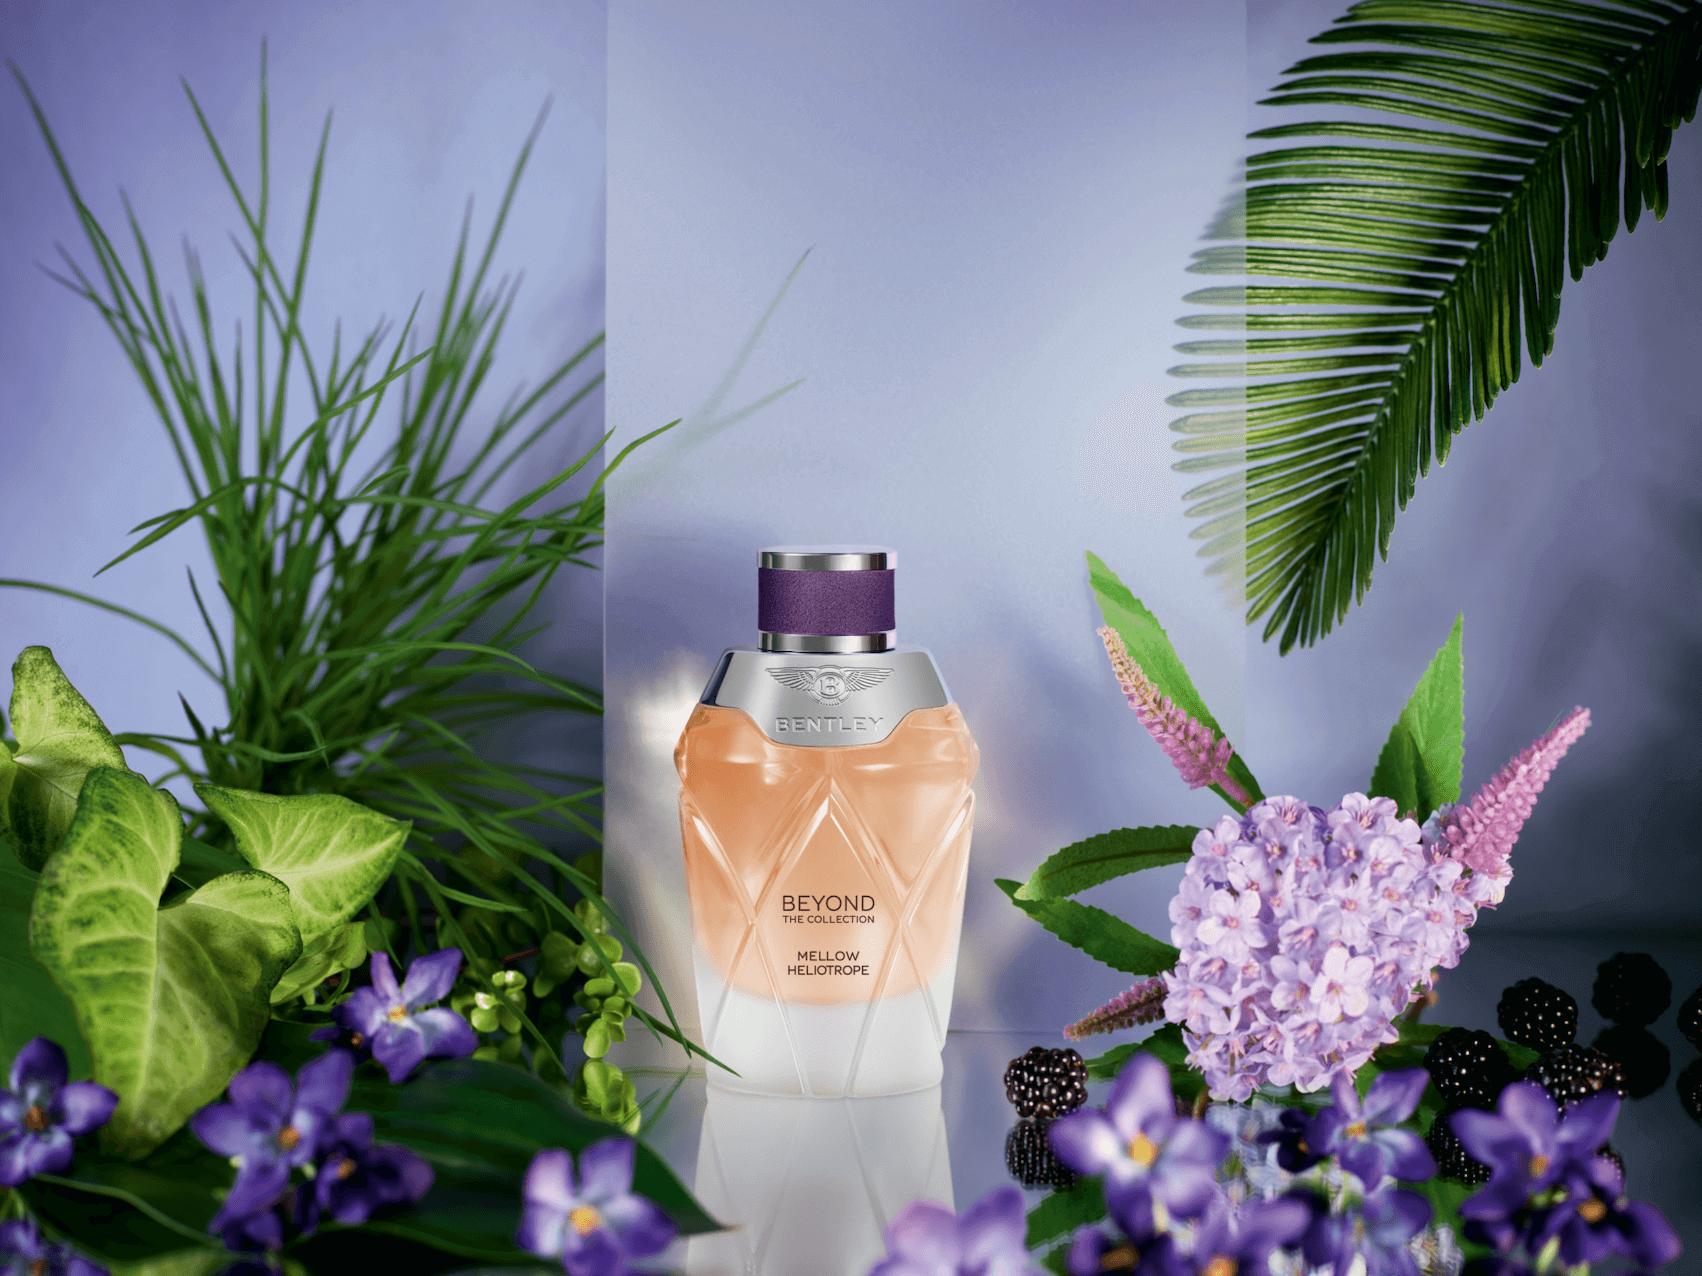 Bentley Fragrances parfüm hakkında bilgi